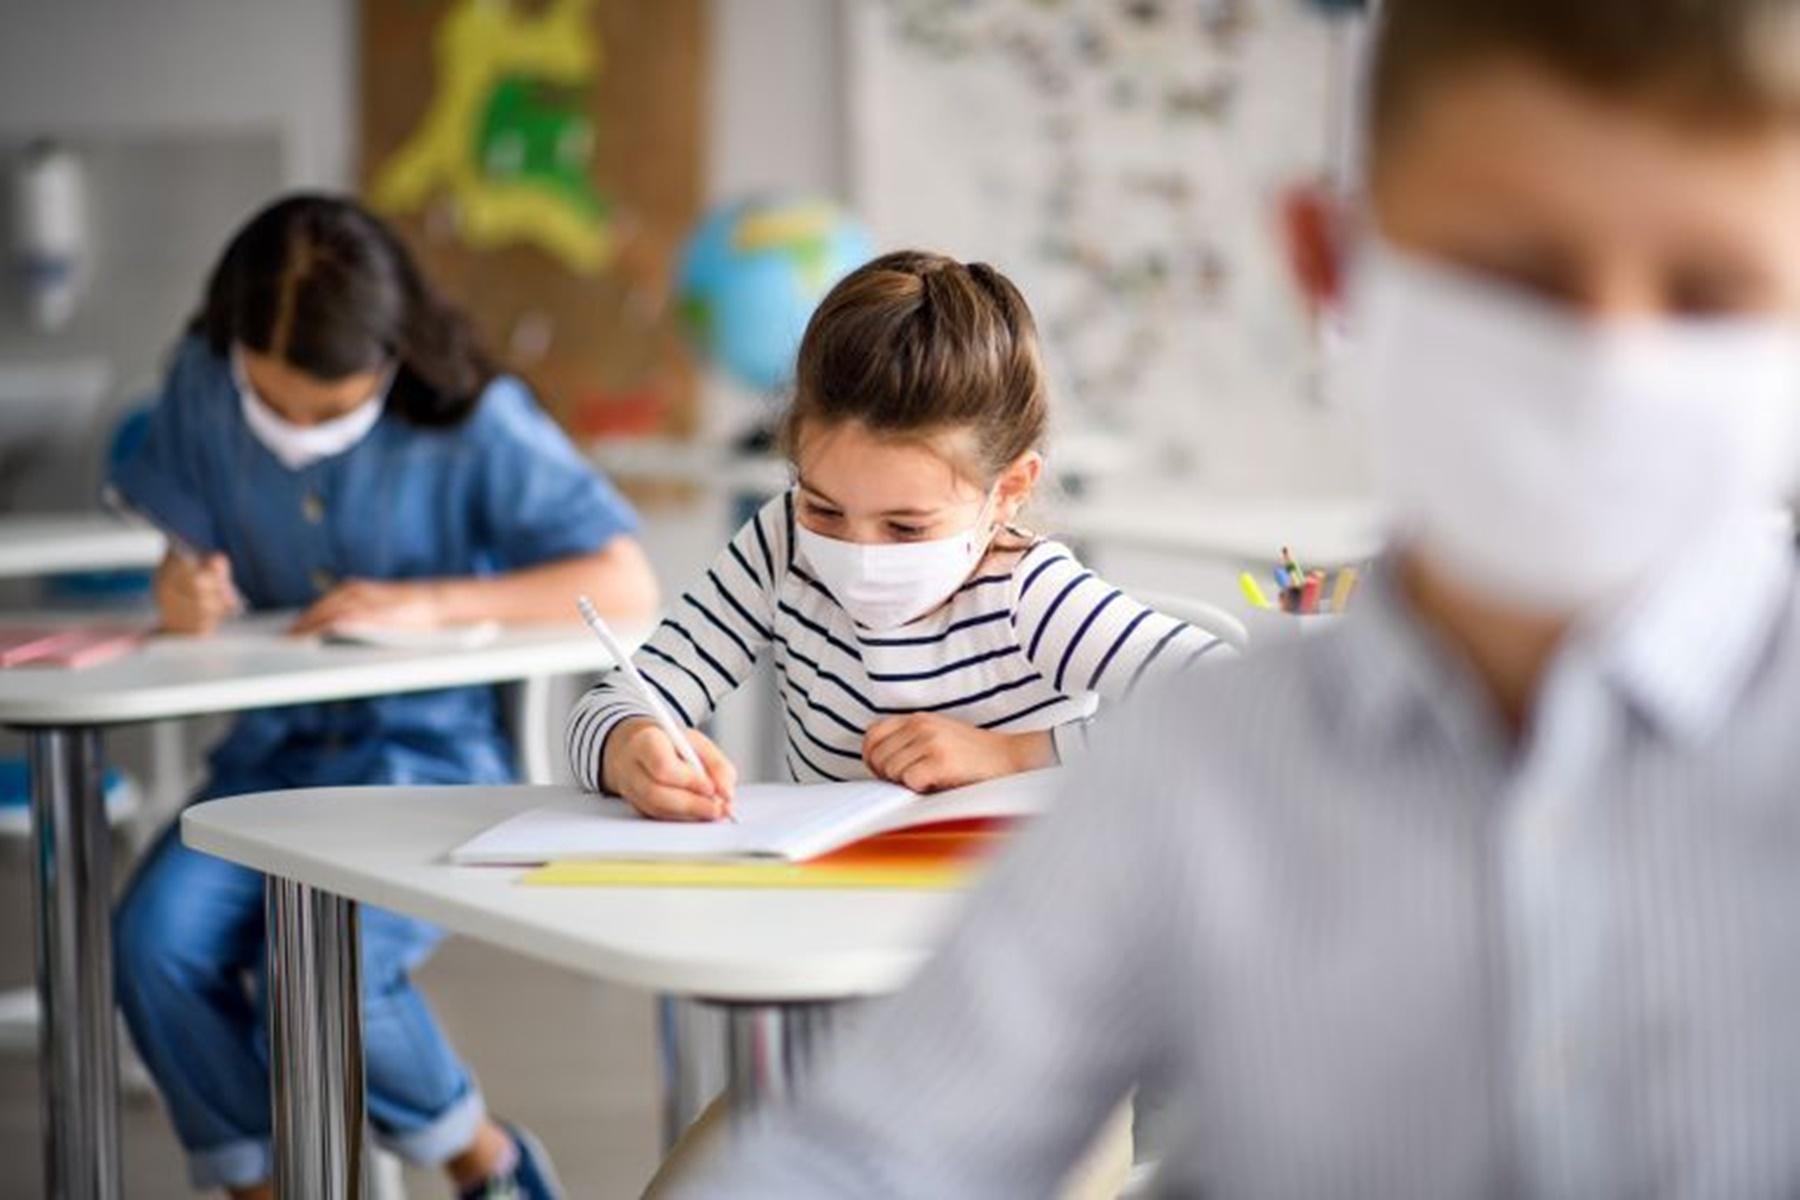 Κορωνοϊός σχολεία : Άνοιγμα με μάσκες και καλύτερο εξαερισμό